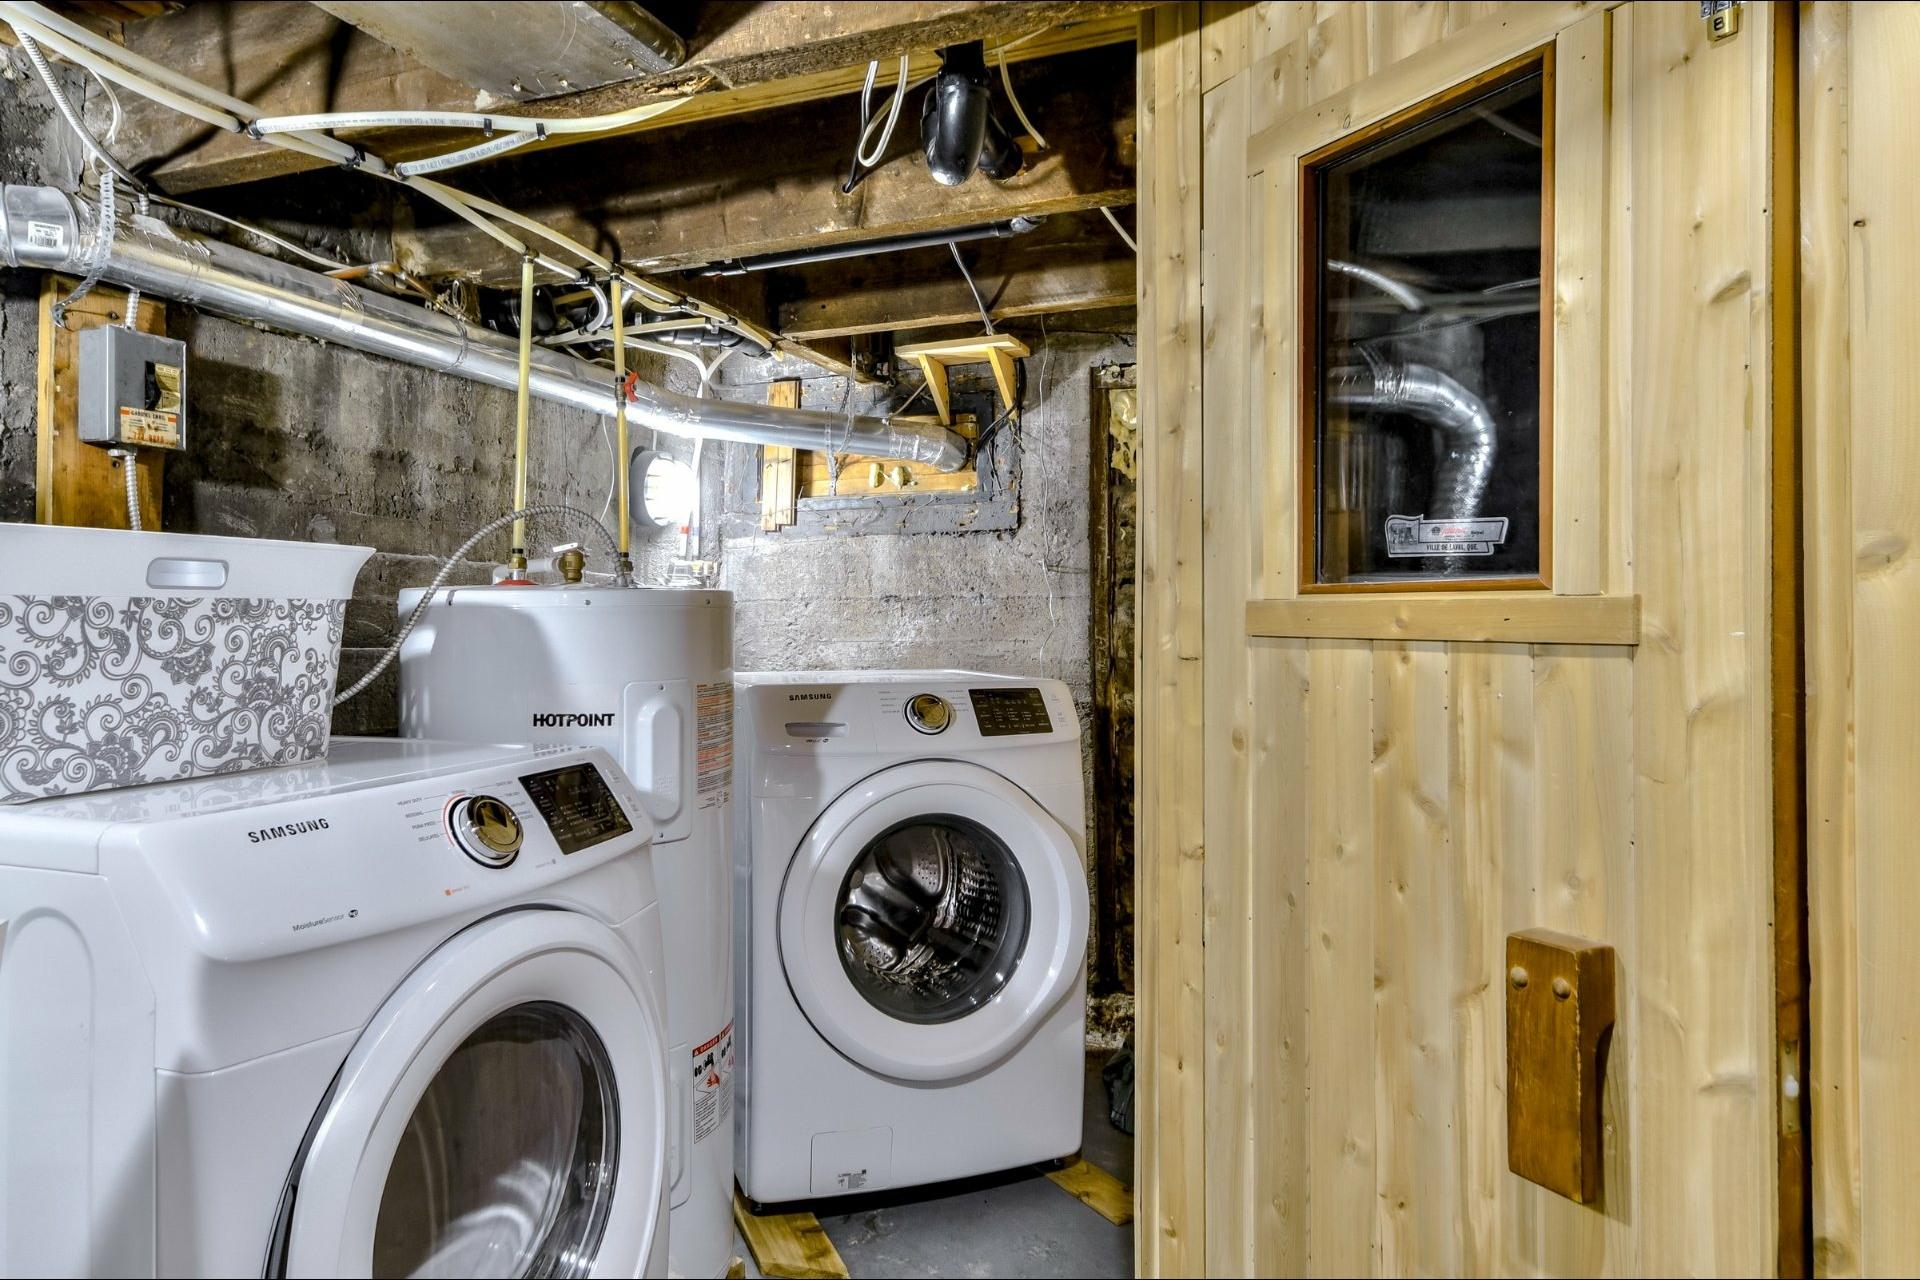 image 20 - Appartement À vendre Le Plateau-Mont-Royal Montréal  - 5 pièces